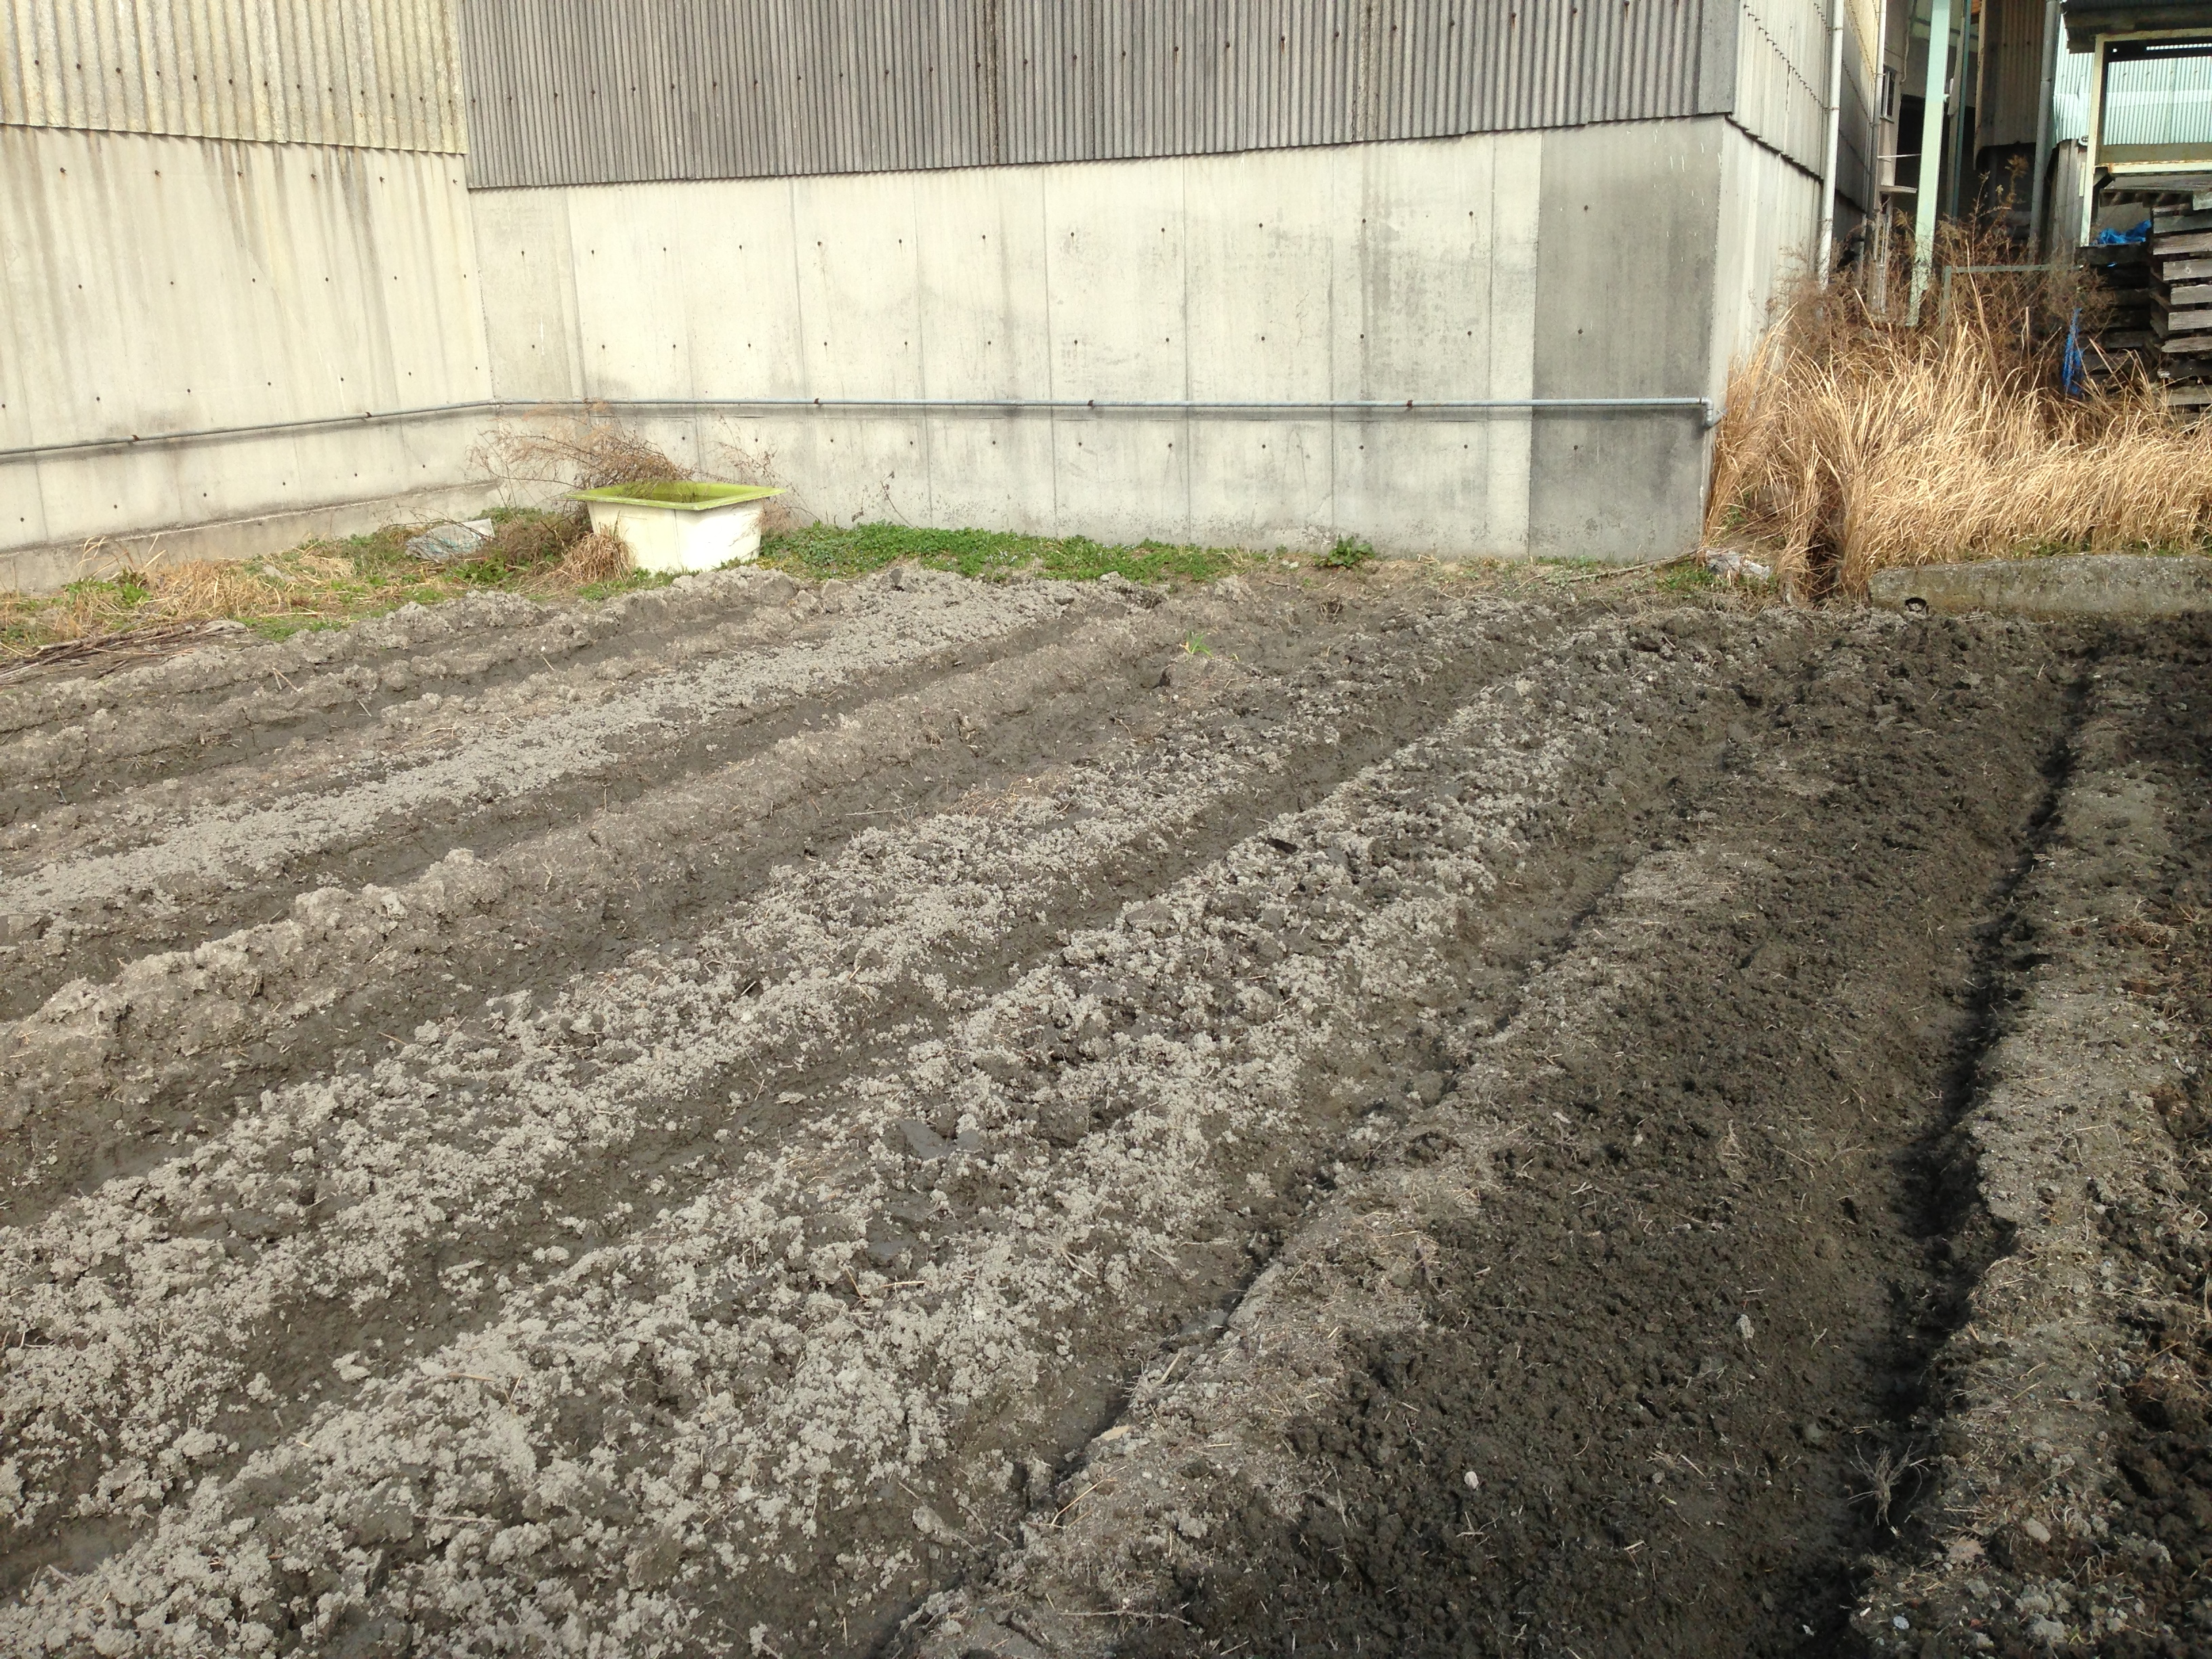 ジャガイモ 植え付け 秋 時期 の